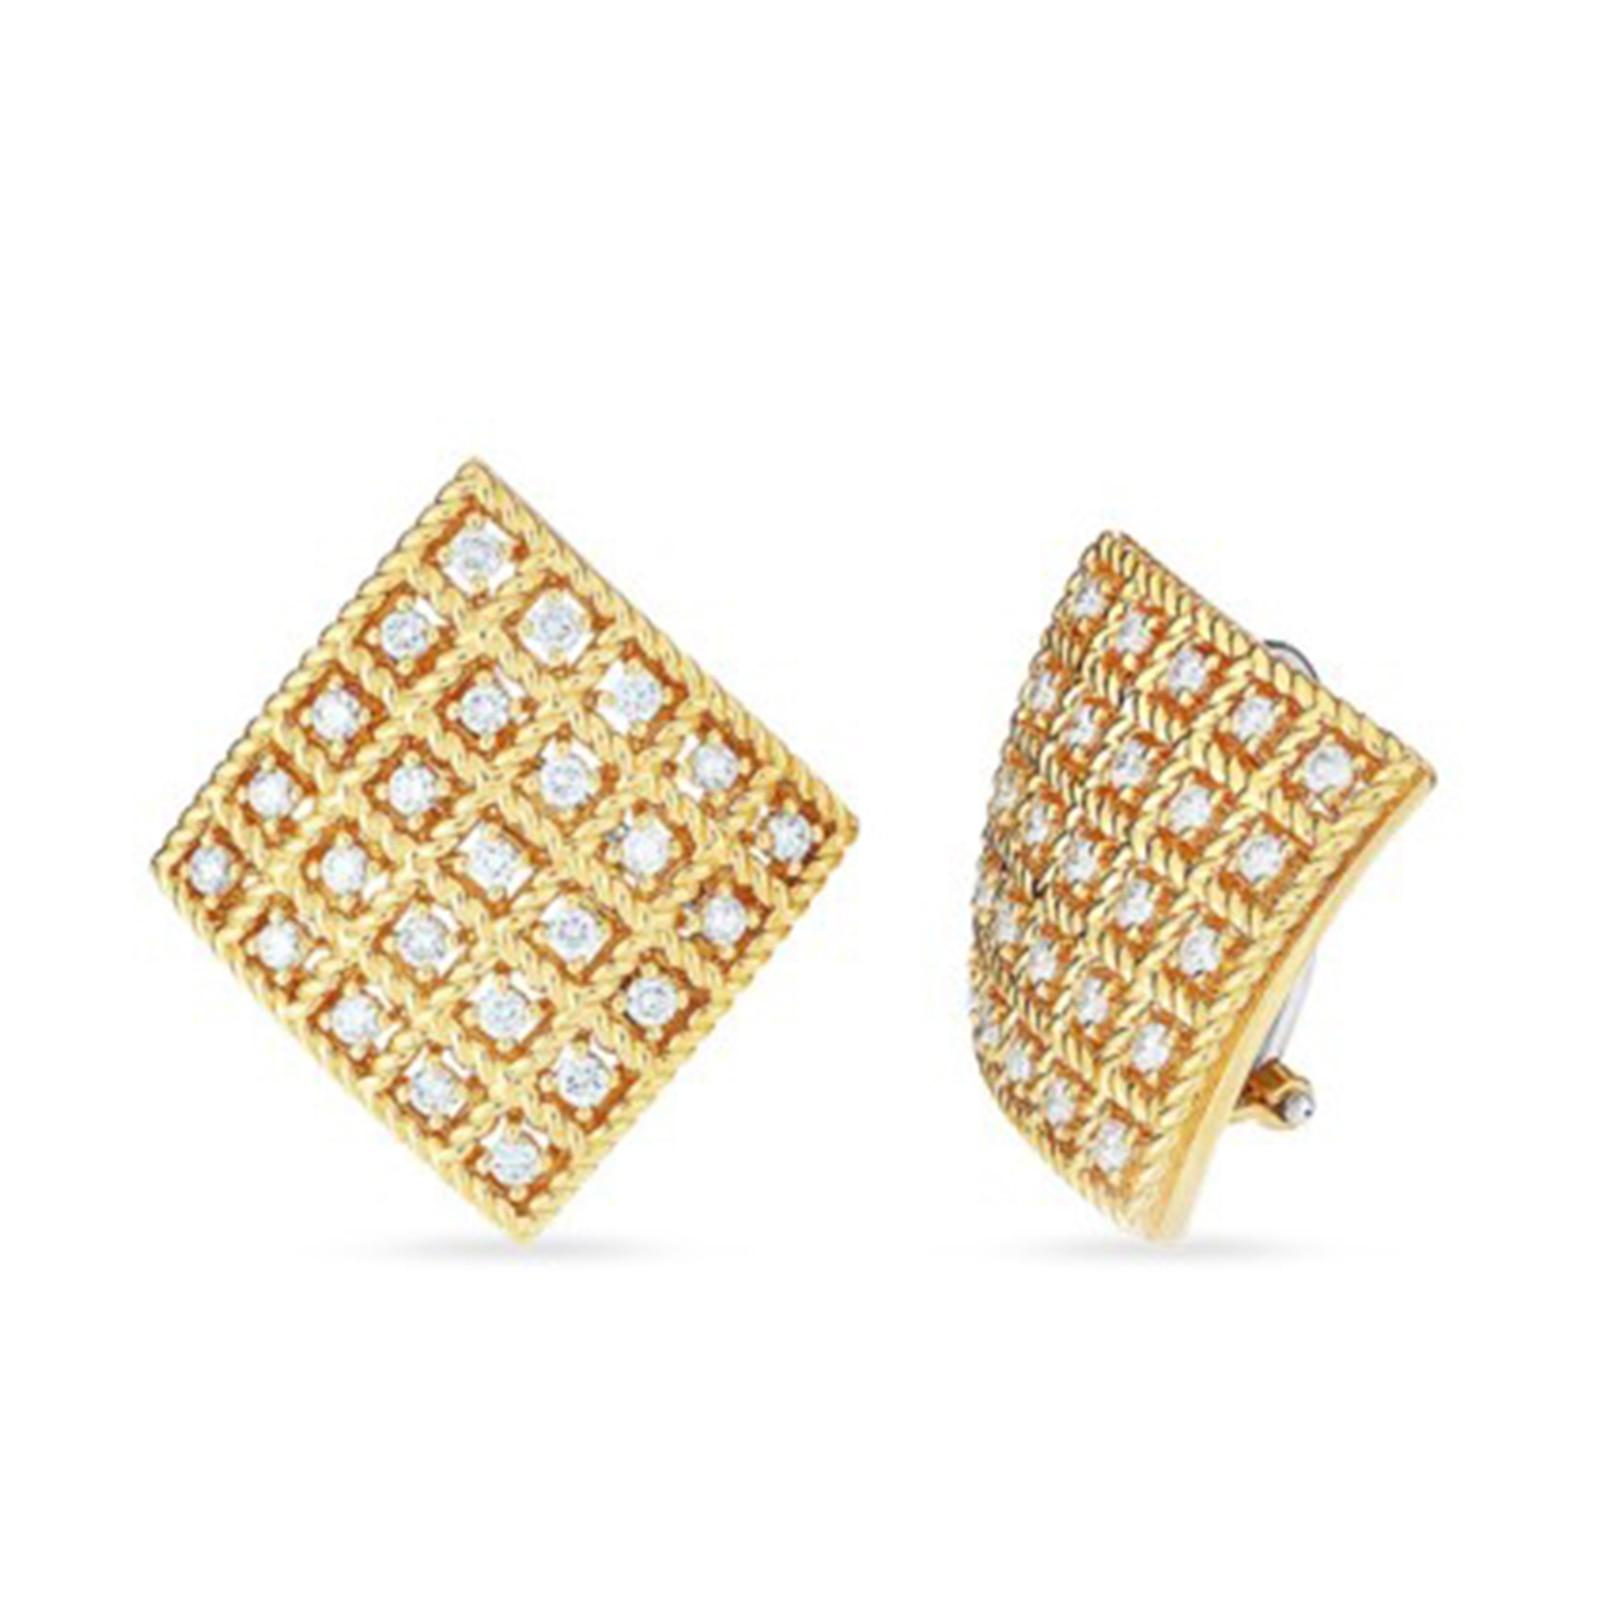 Roberto Coin Roberto Coin Byzantine Barocco Square Diamond Earrings